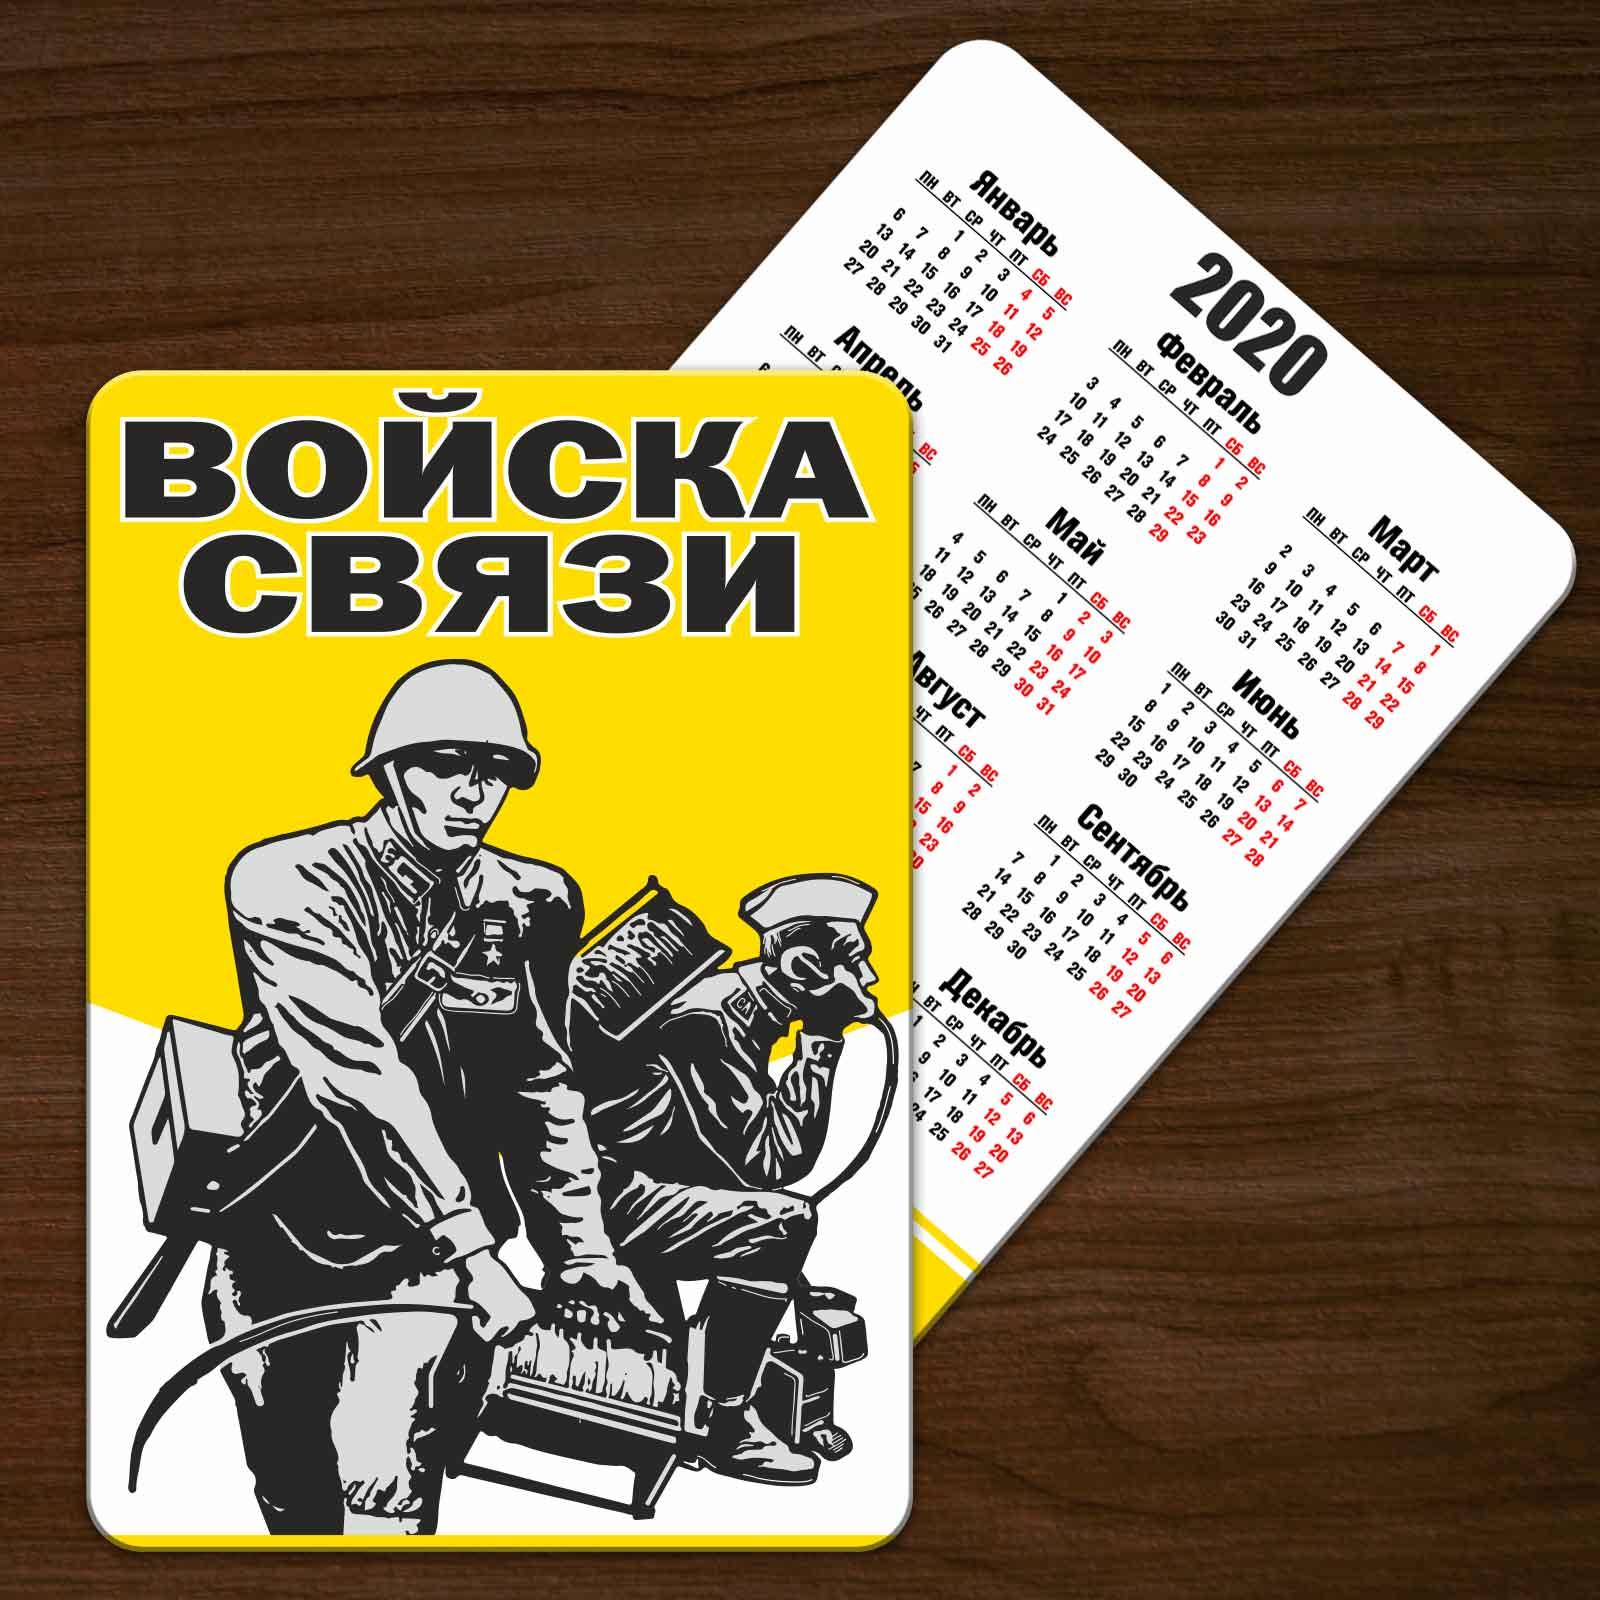 Маленький календарь на 2020 год Войска связи